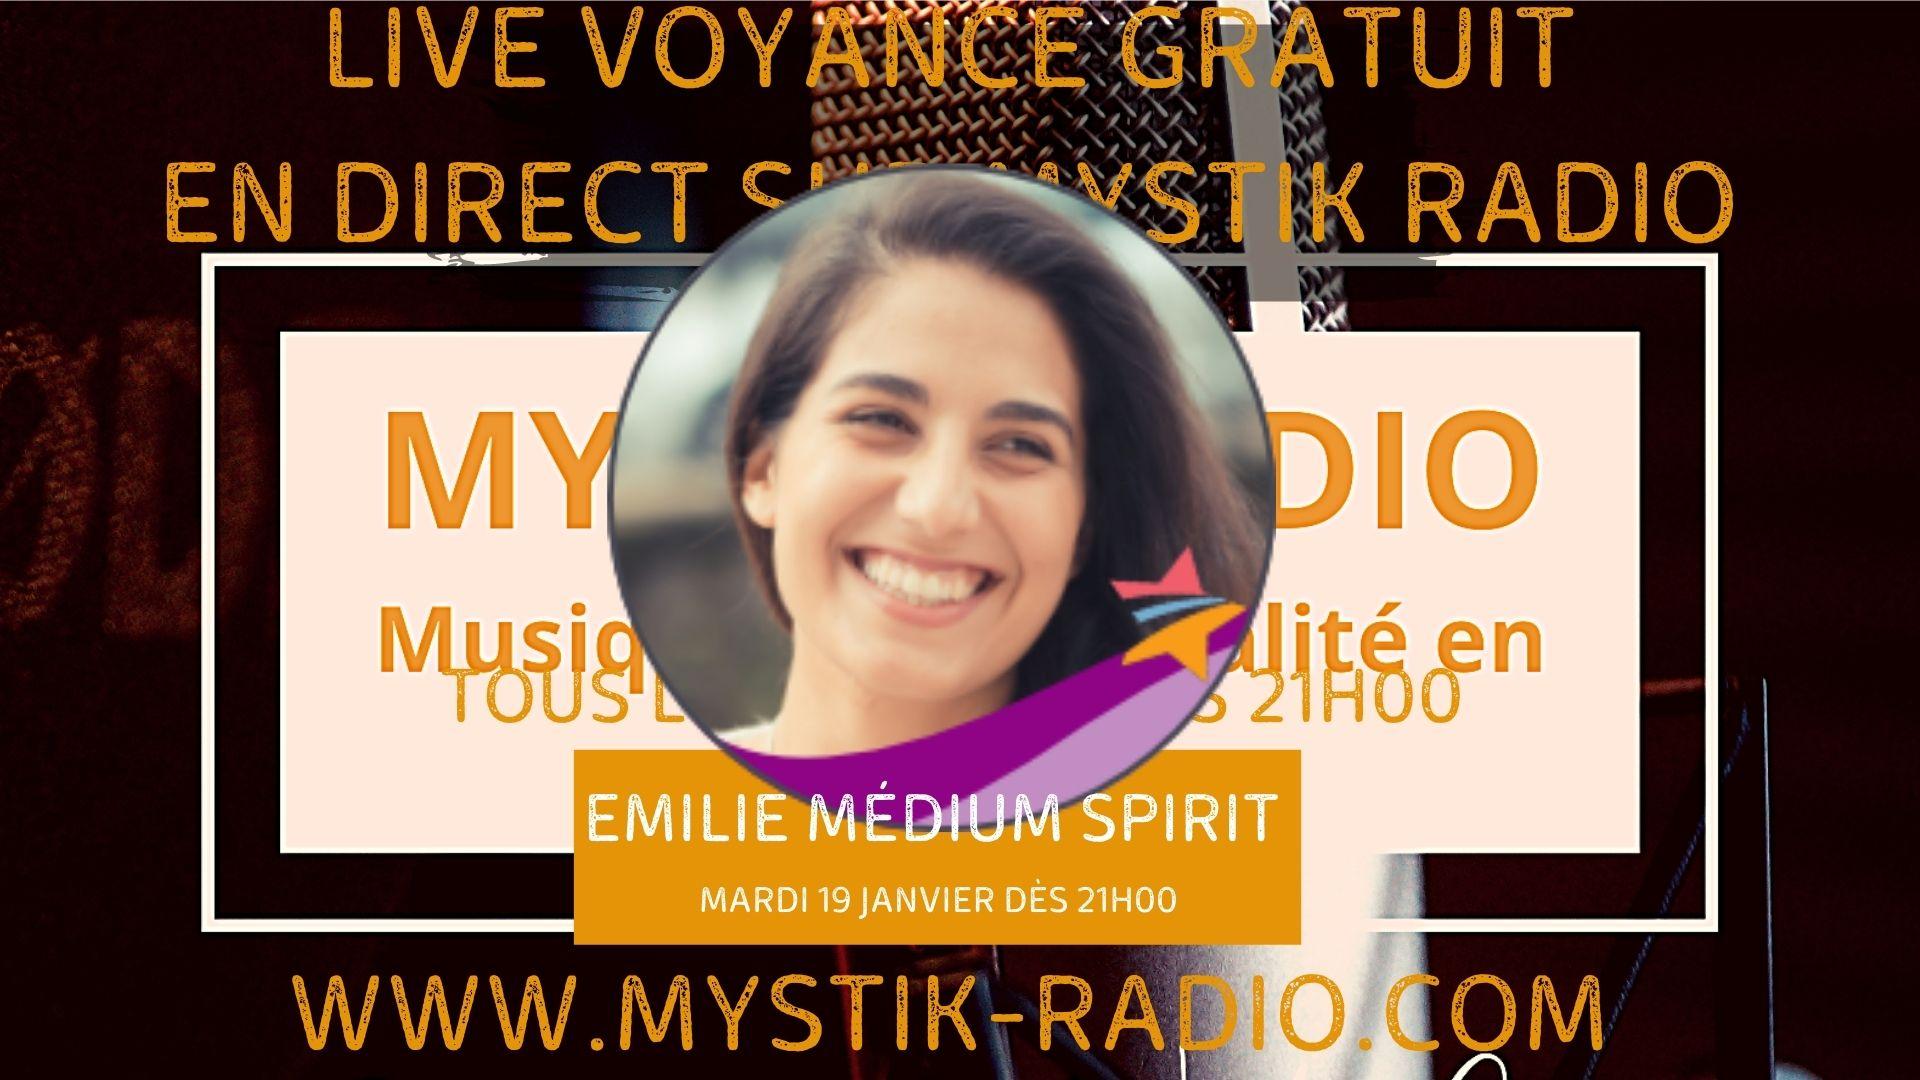 Live voyance gratuit avec Emilie médium spirit et cartomancienne en direct sur Mystik Radio / Infinità Corse Voyance